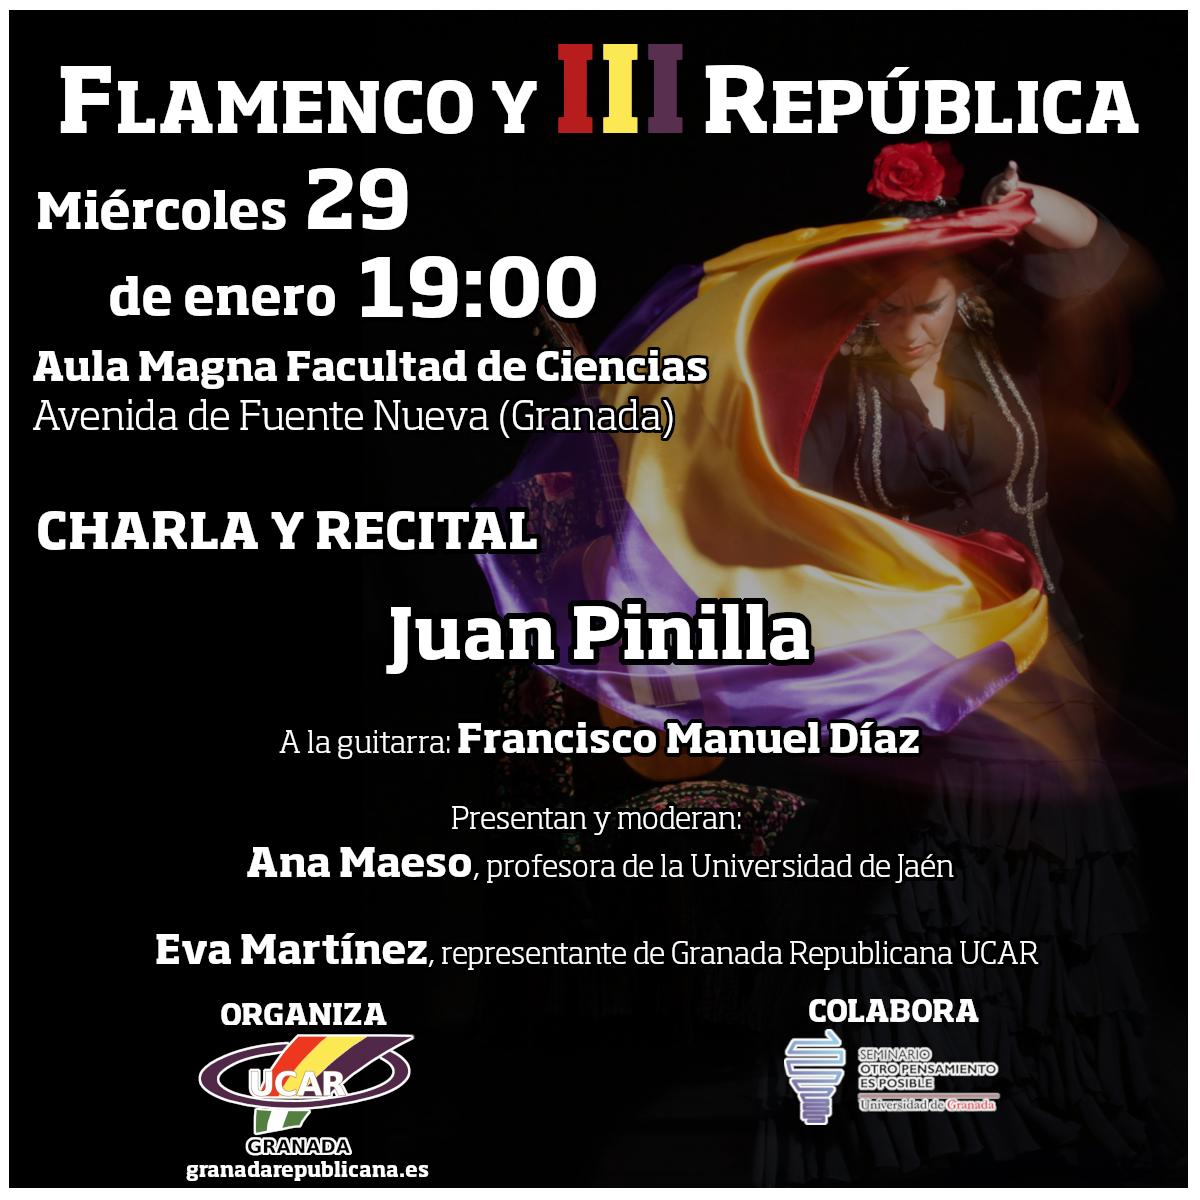 Flamenco y III República